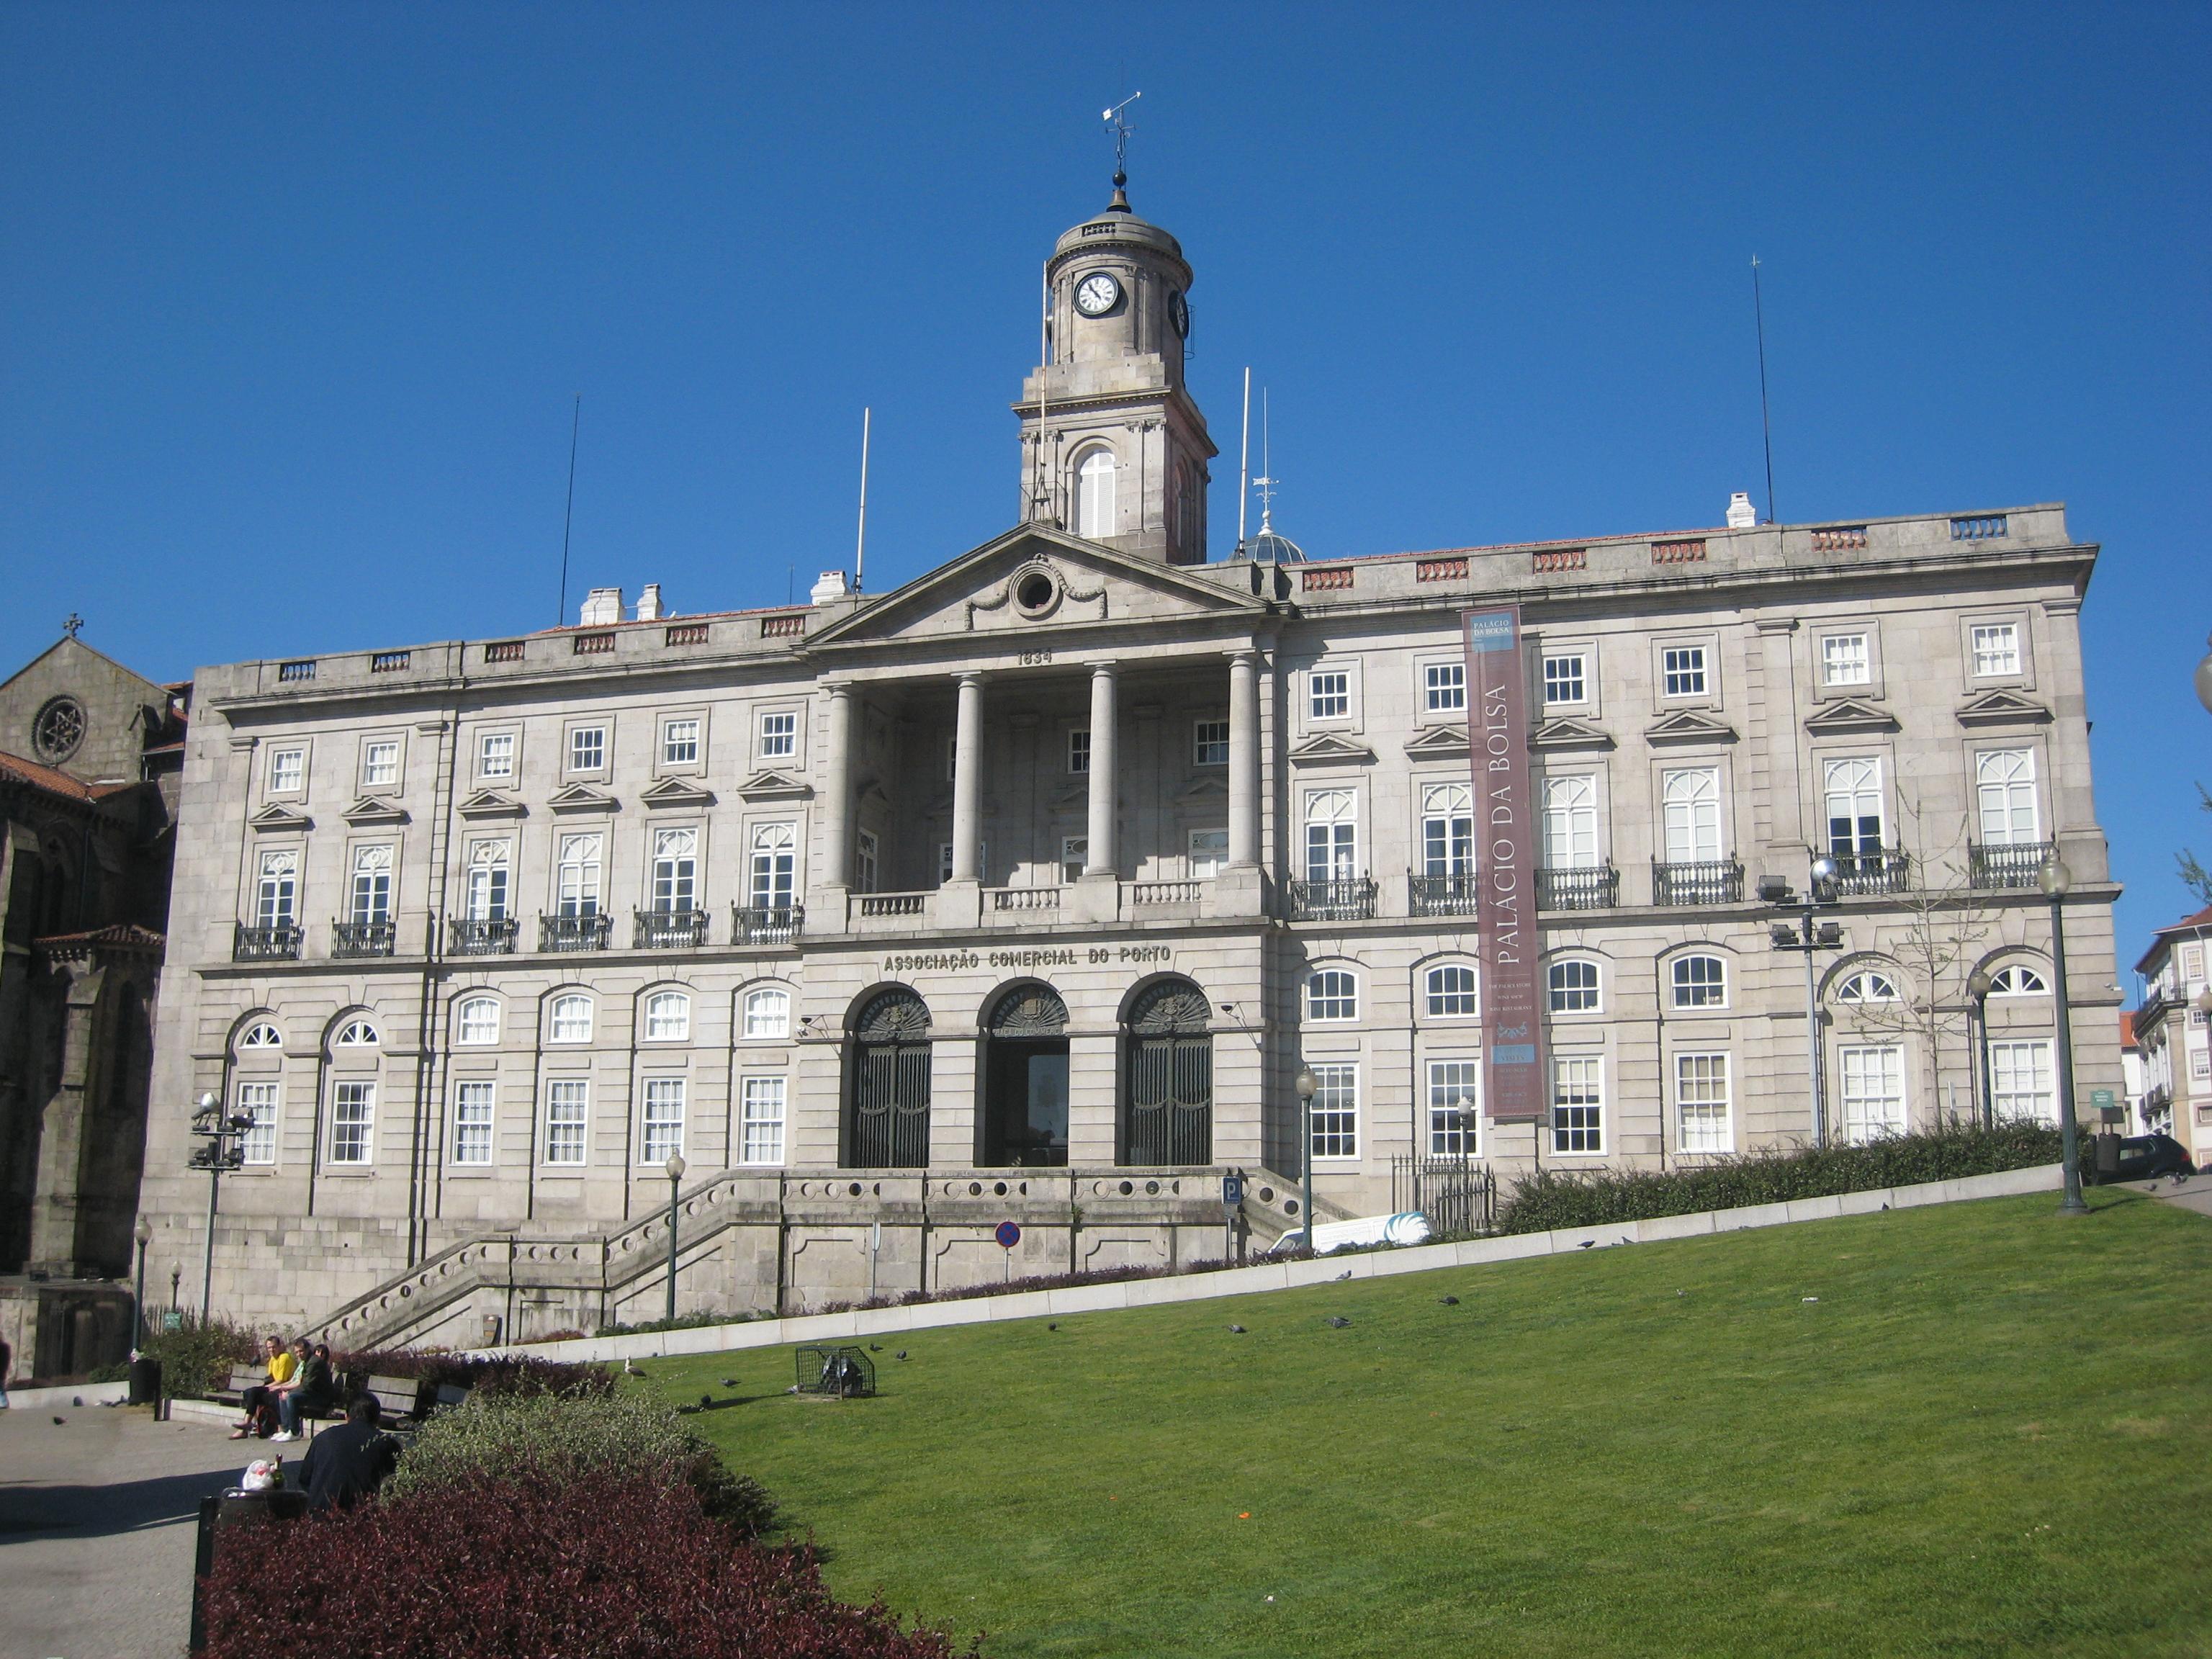 Ficheiro:Palacio da Bolsa, Porto.jpg – Wikipédia, a